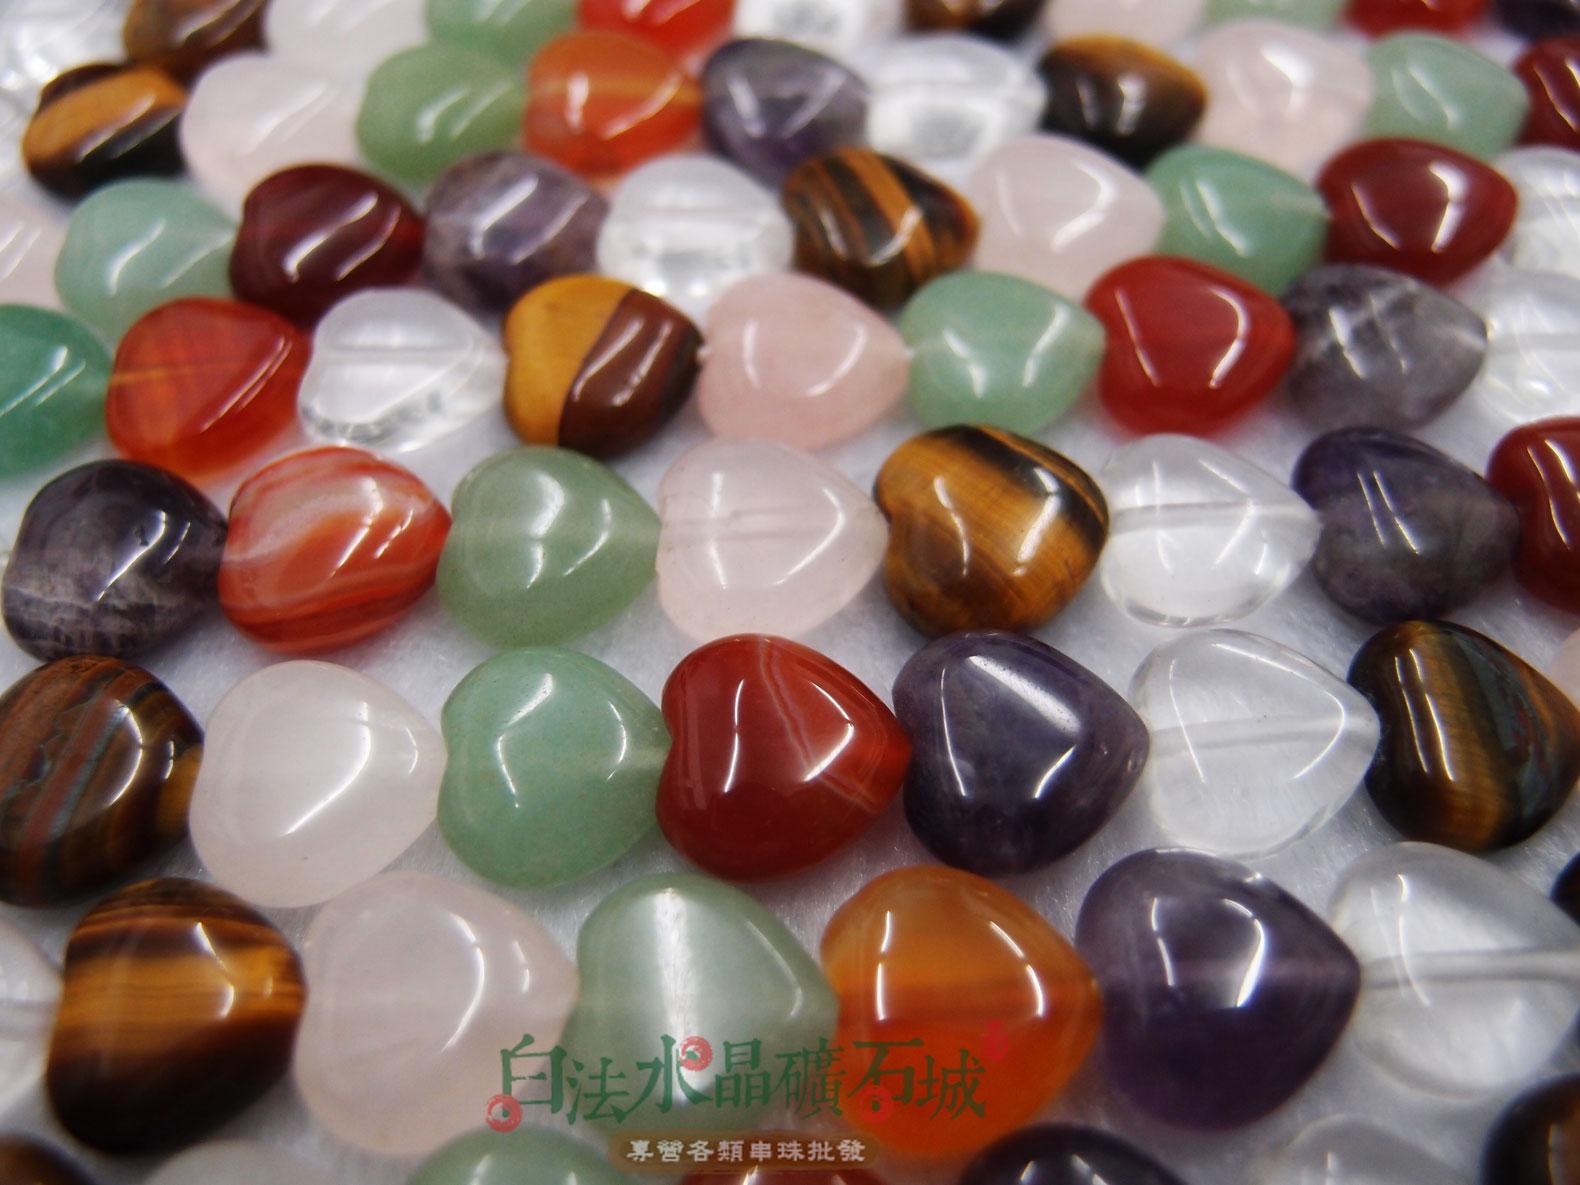 白法水晶礦石城 天然~白水晶 粉水晶 紫水晶.紅玉髓.東菱玉.虎眼石 11mm 愛心型 五